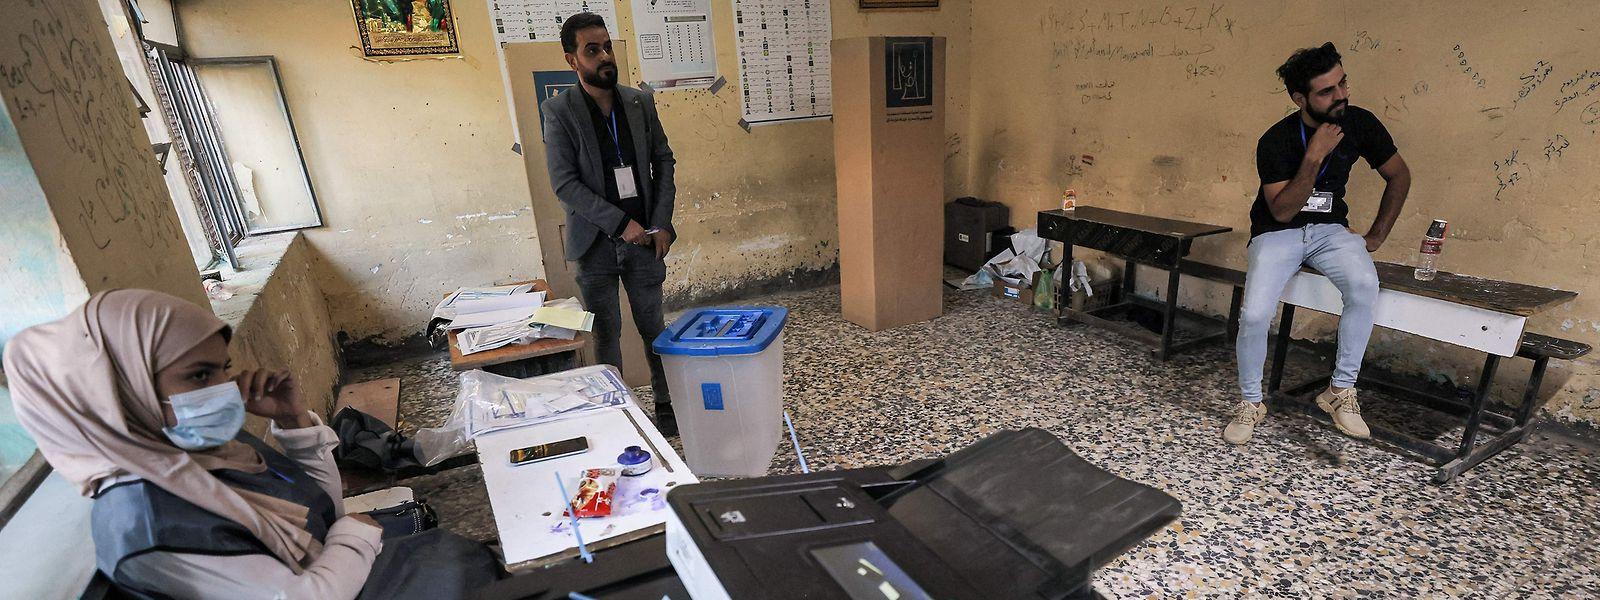 Warten auf Wähler: Lediglich 41 Prozent der Sitmmberechtigten gaben nach einer vorläufigen Auswertung im Irak ihre Stimme ab.